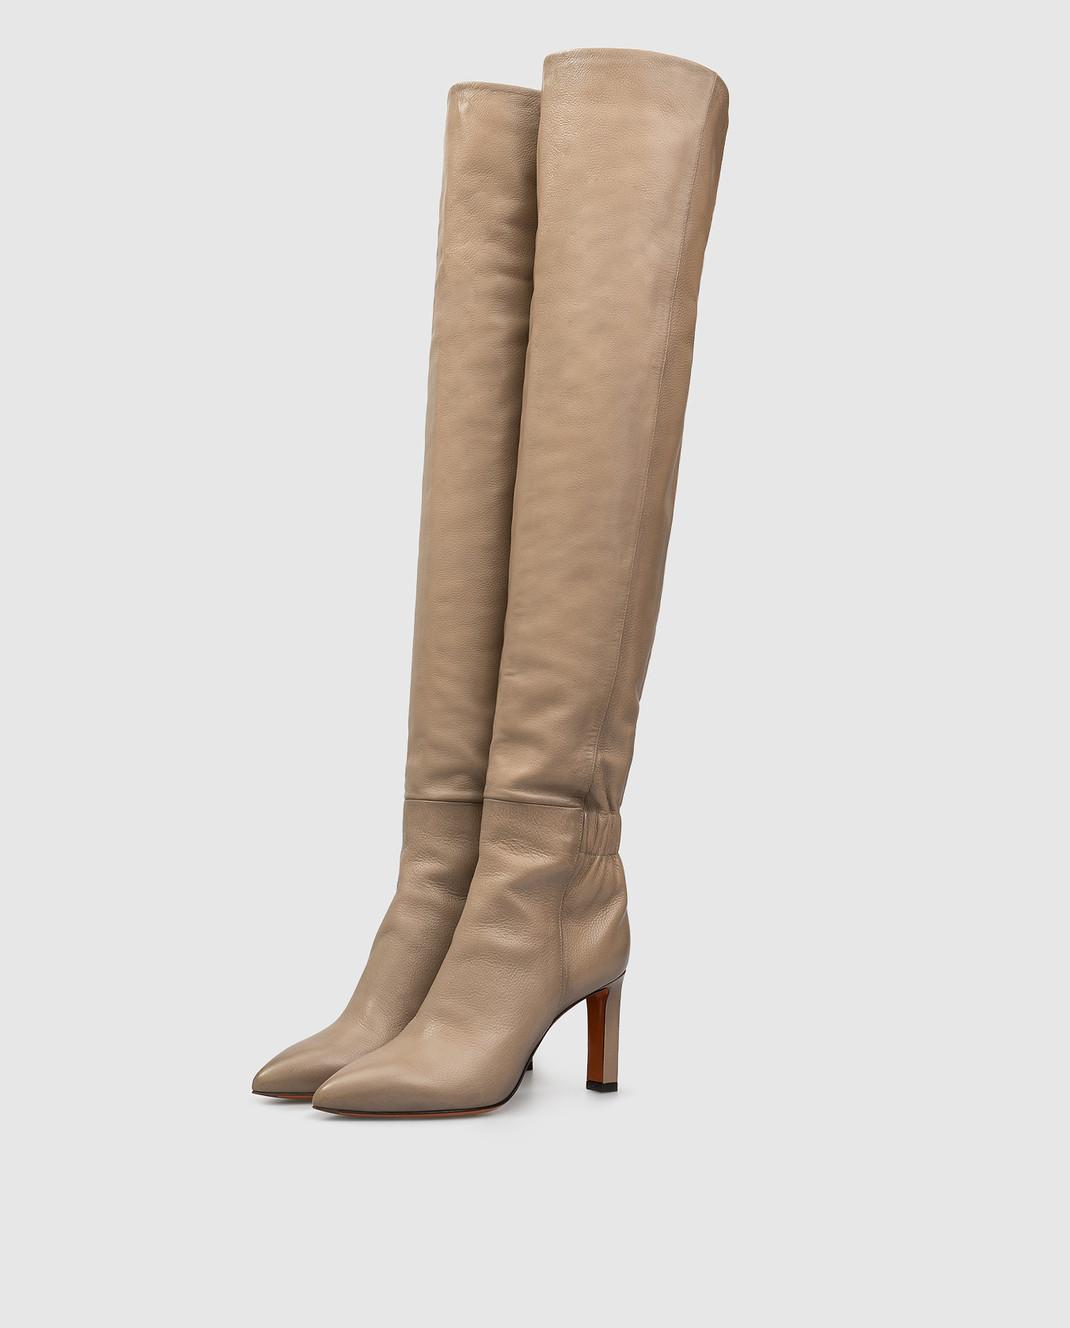 Santoni Бежевые кожаные ботфорты WSKK57445HI2CGHY изображение 3